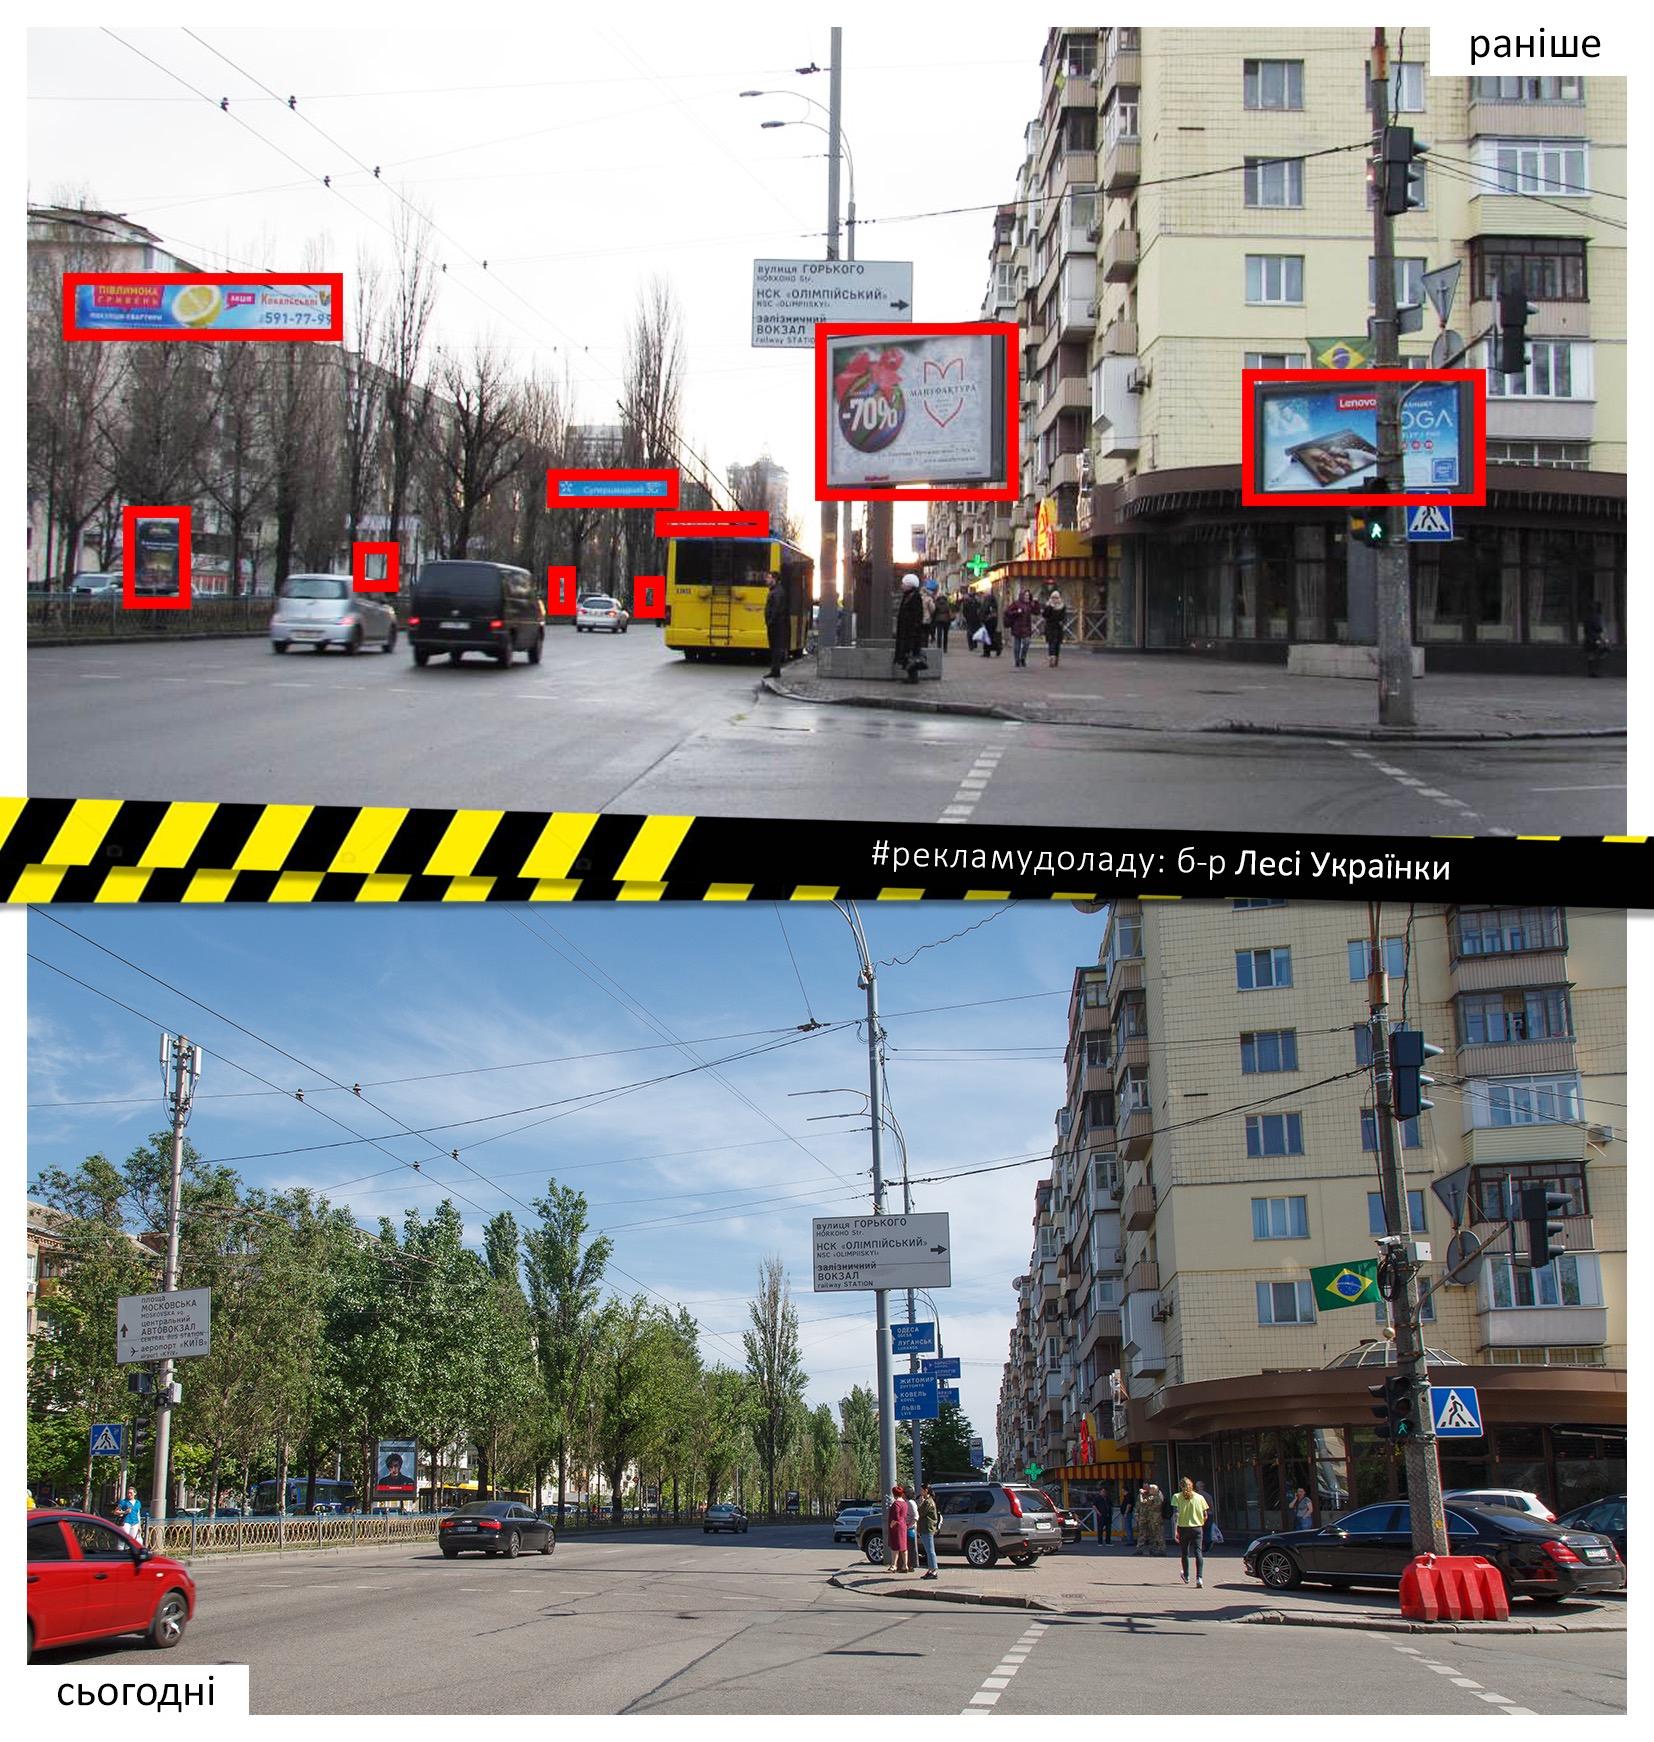 У Києві ліквідували більше тисячі рекламних конструкцій -  - 9C08B937 63DC 44C3 AA45 71729834B8E7